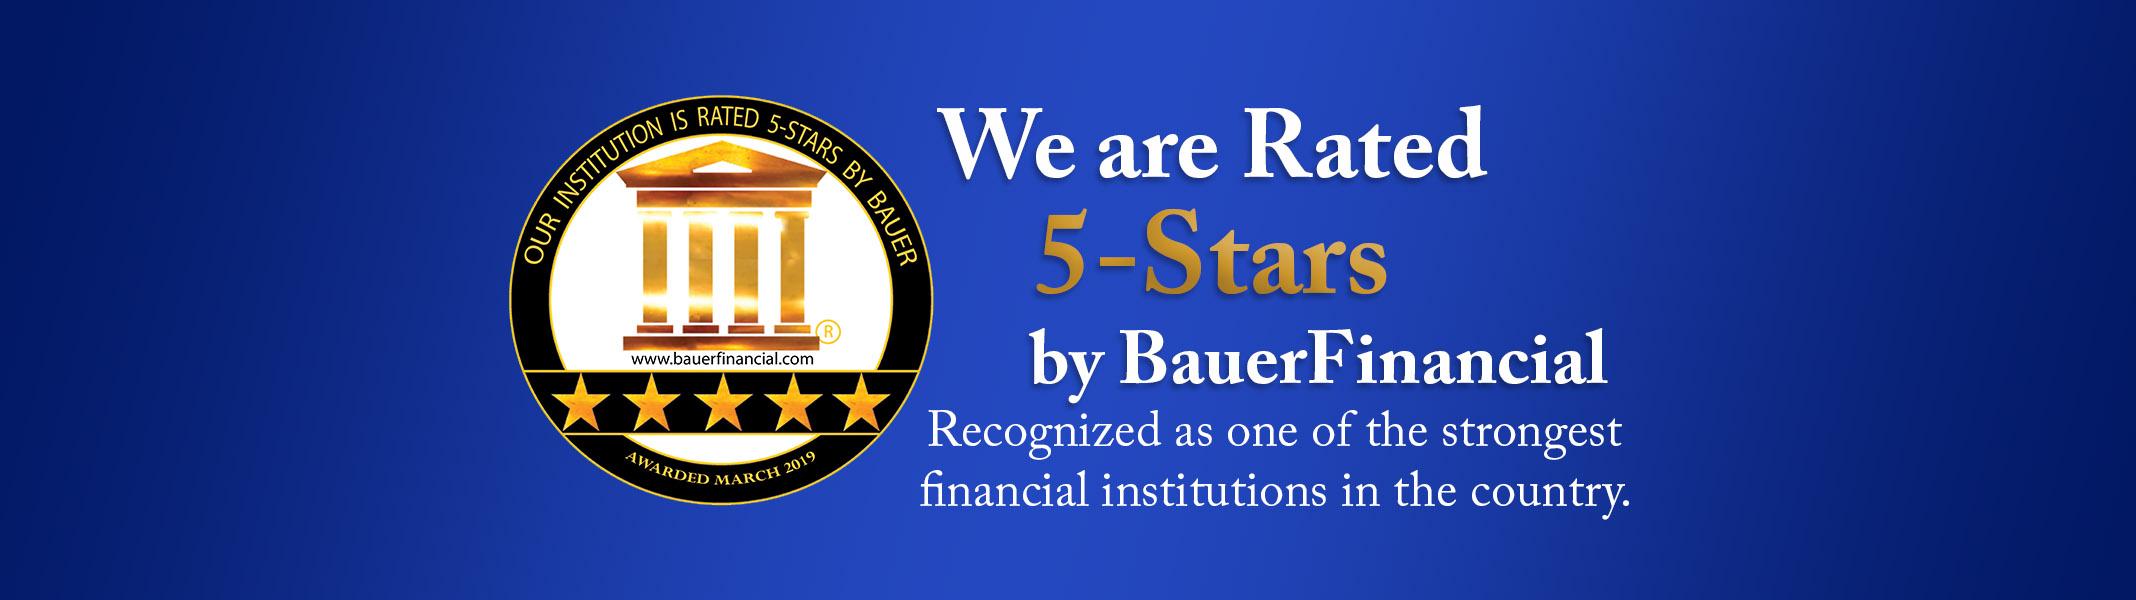 BauerFinancial